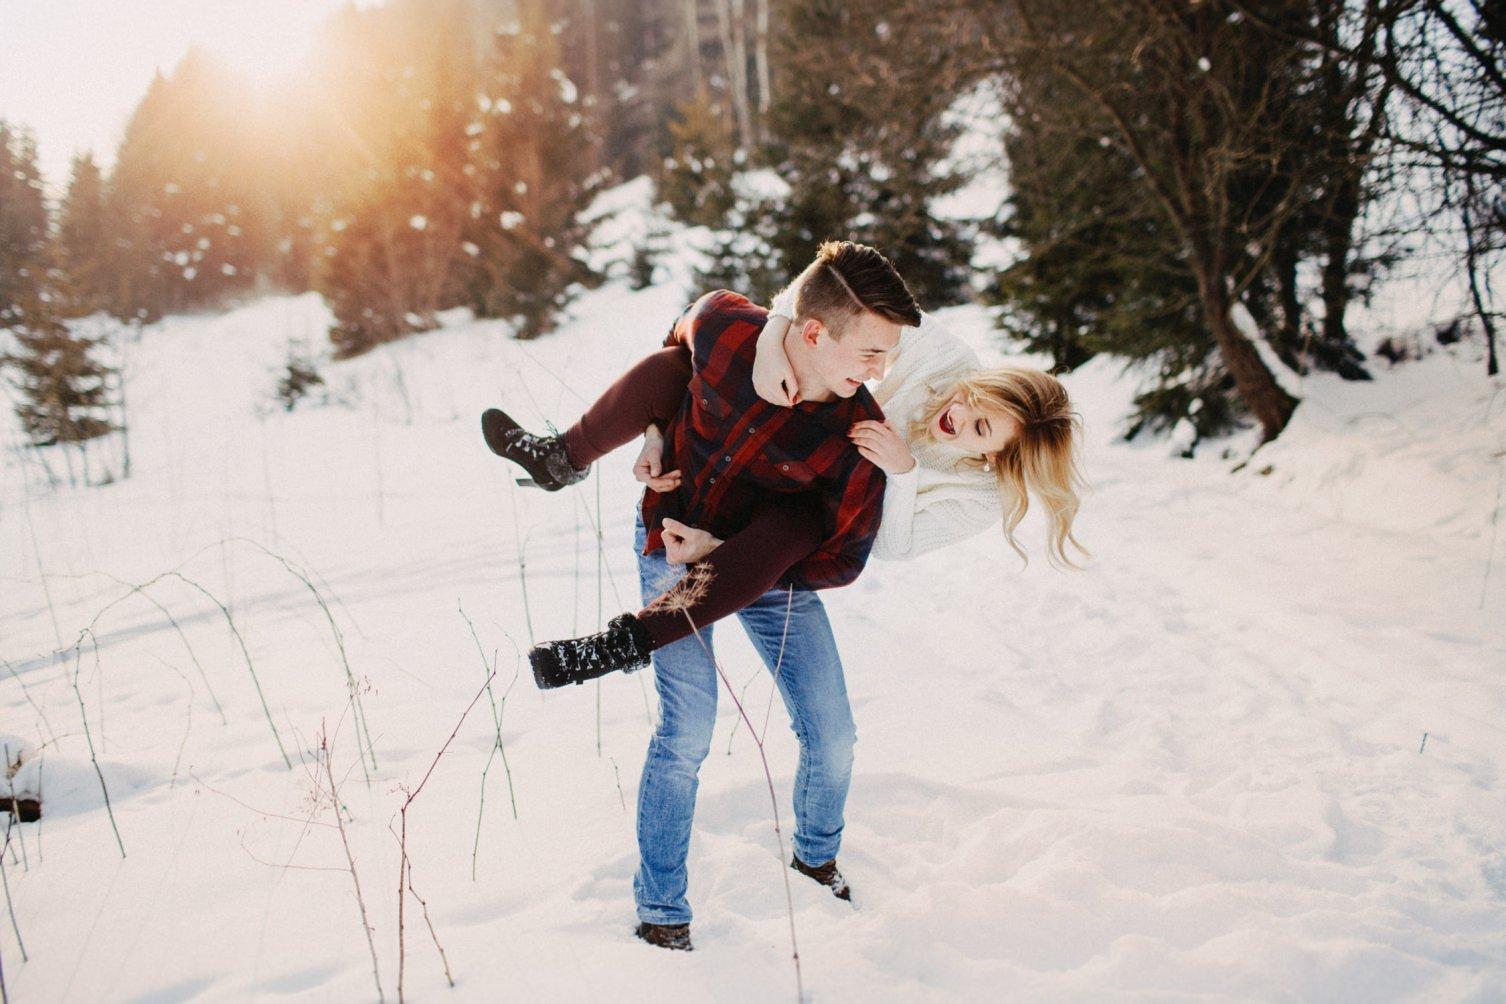 zimné rande fotenie. Spontánny párik na snehu pri západe slnka pod dekou.